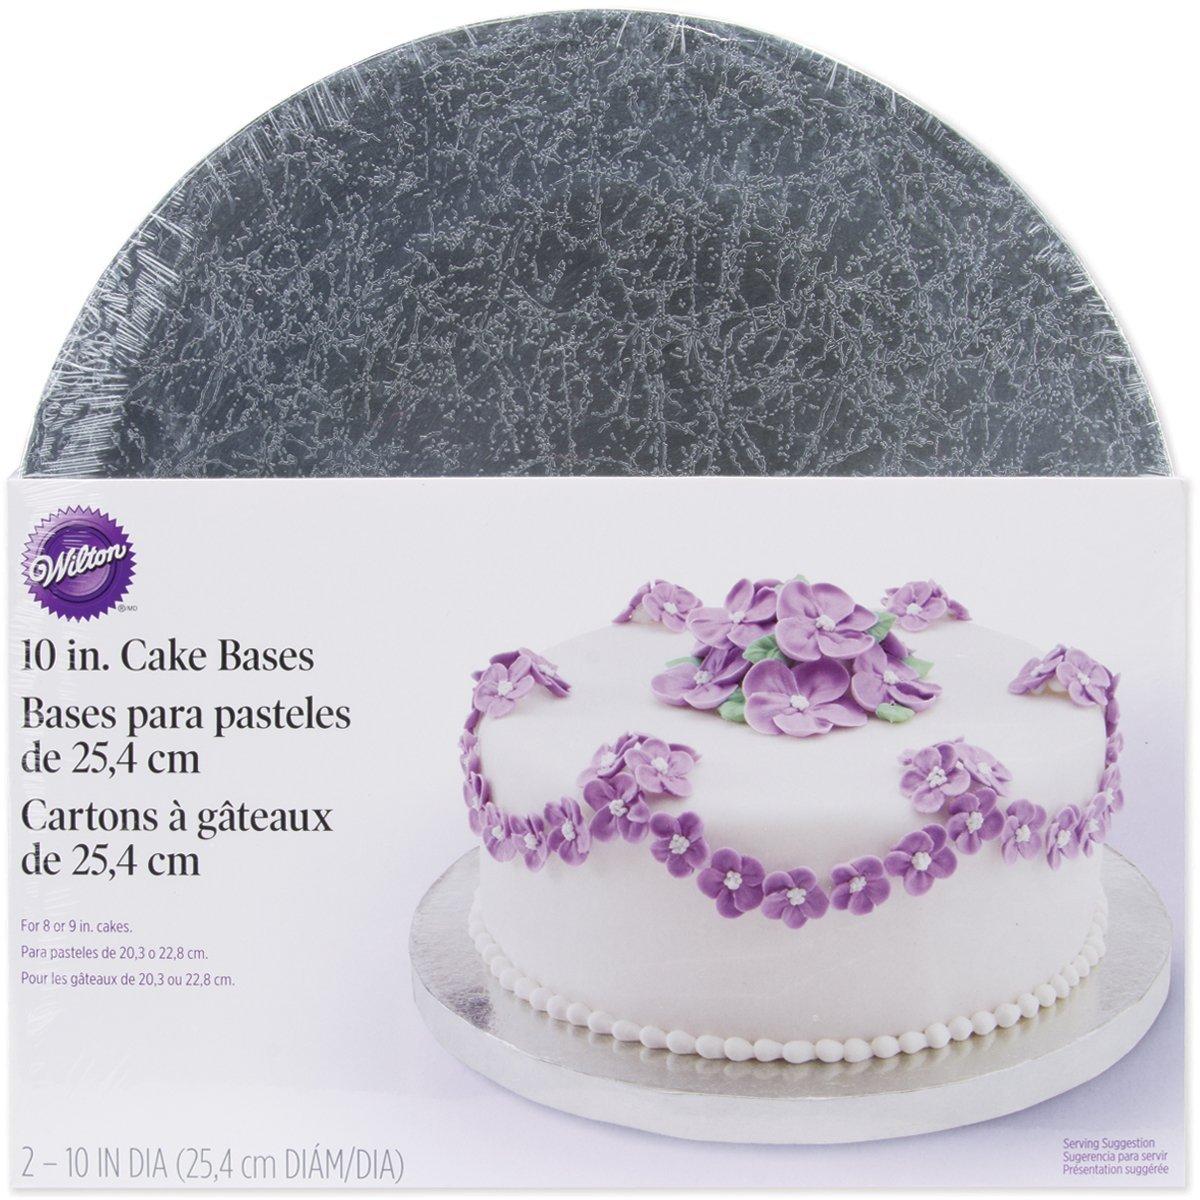 Набор подставок для торта Wilton, диаметр 25,4 см, 2 шт54 009312Набор Wilton включает две круглые подставки для торта, выполненные из гофрокартона с жироустойчивым покрытием. Подставки достаточно надежные, чтобы выдержать довольно тяжелый торт с большим количеством украшений. Идеальны для любых видов тортов. Диаметр подставок идеален, чтобы украсить торт по краю кремовыми жемчужинами или ленточками.С такими подставками вы всегда сможете красиво оформить вашу выпечку.Диаметр подставки: 25,4 см. Толщина подставки: 1,5 см.